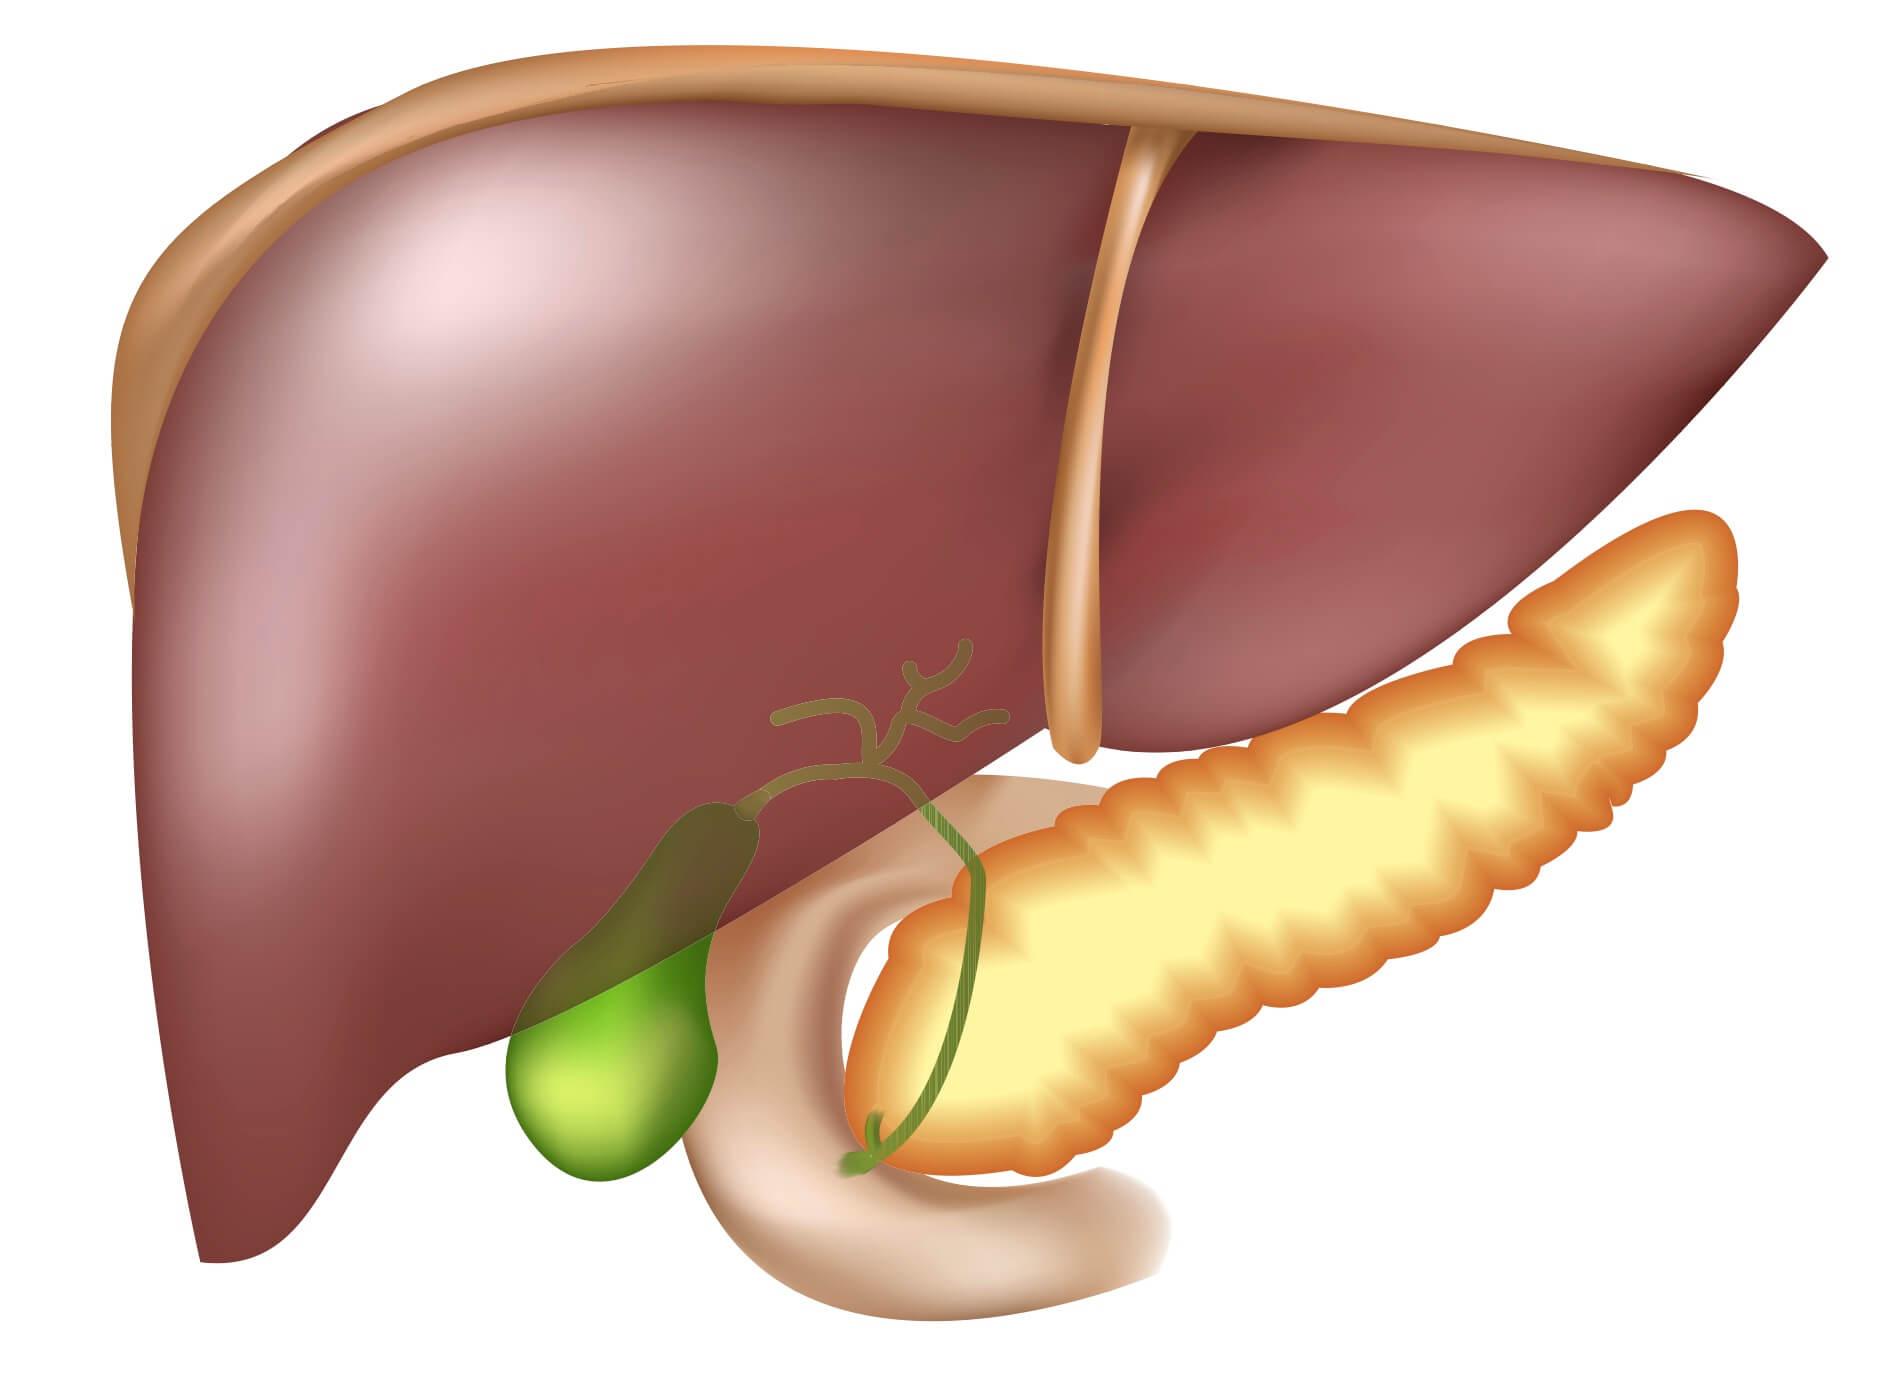 Болезни печени и их симптомы